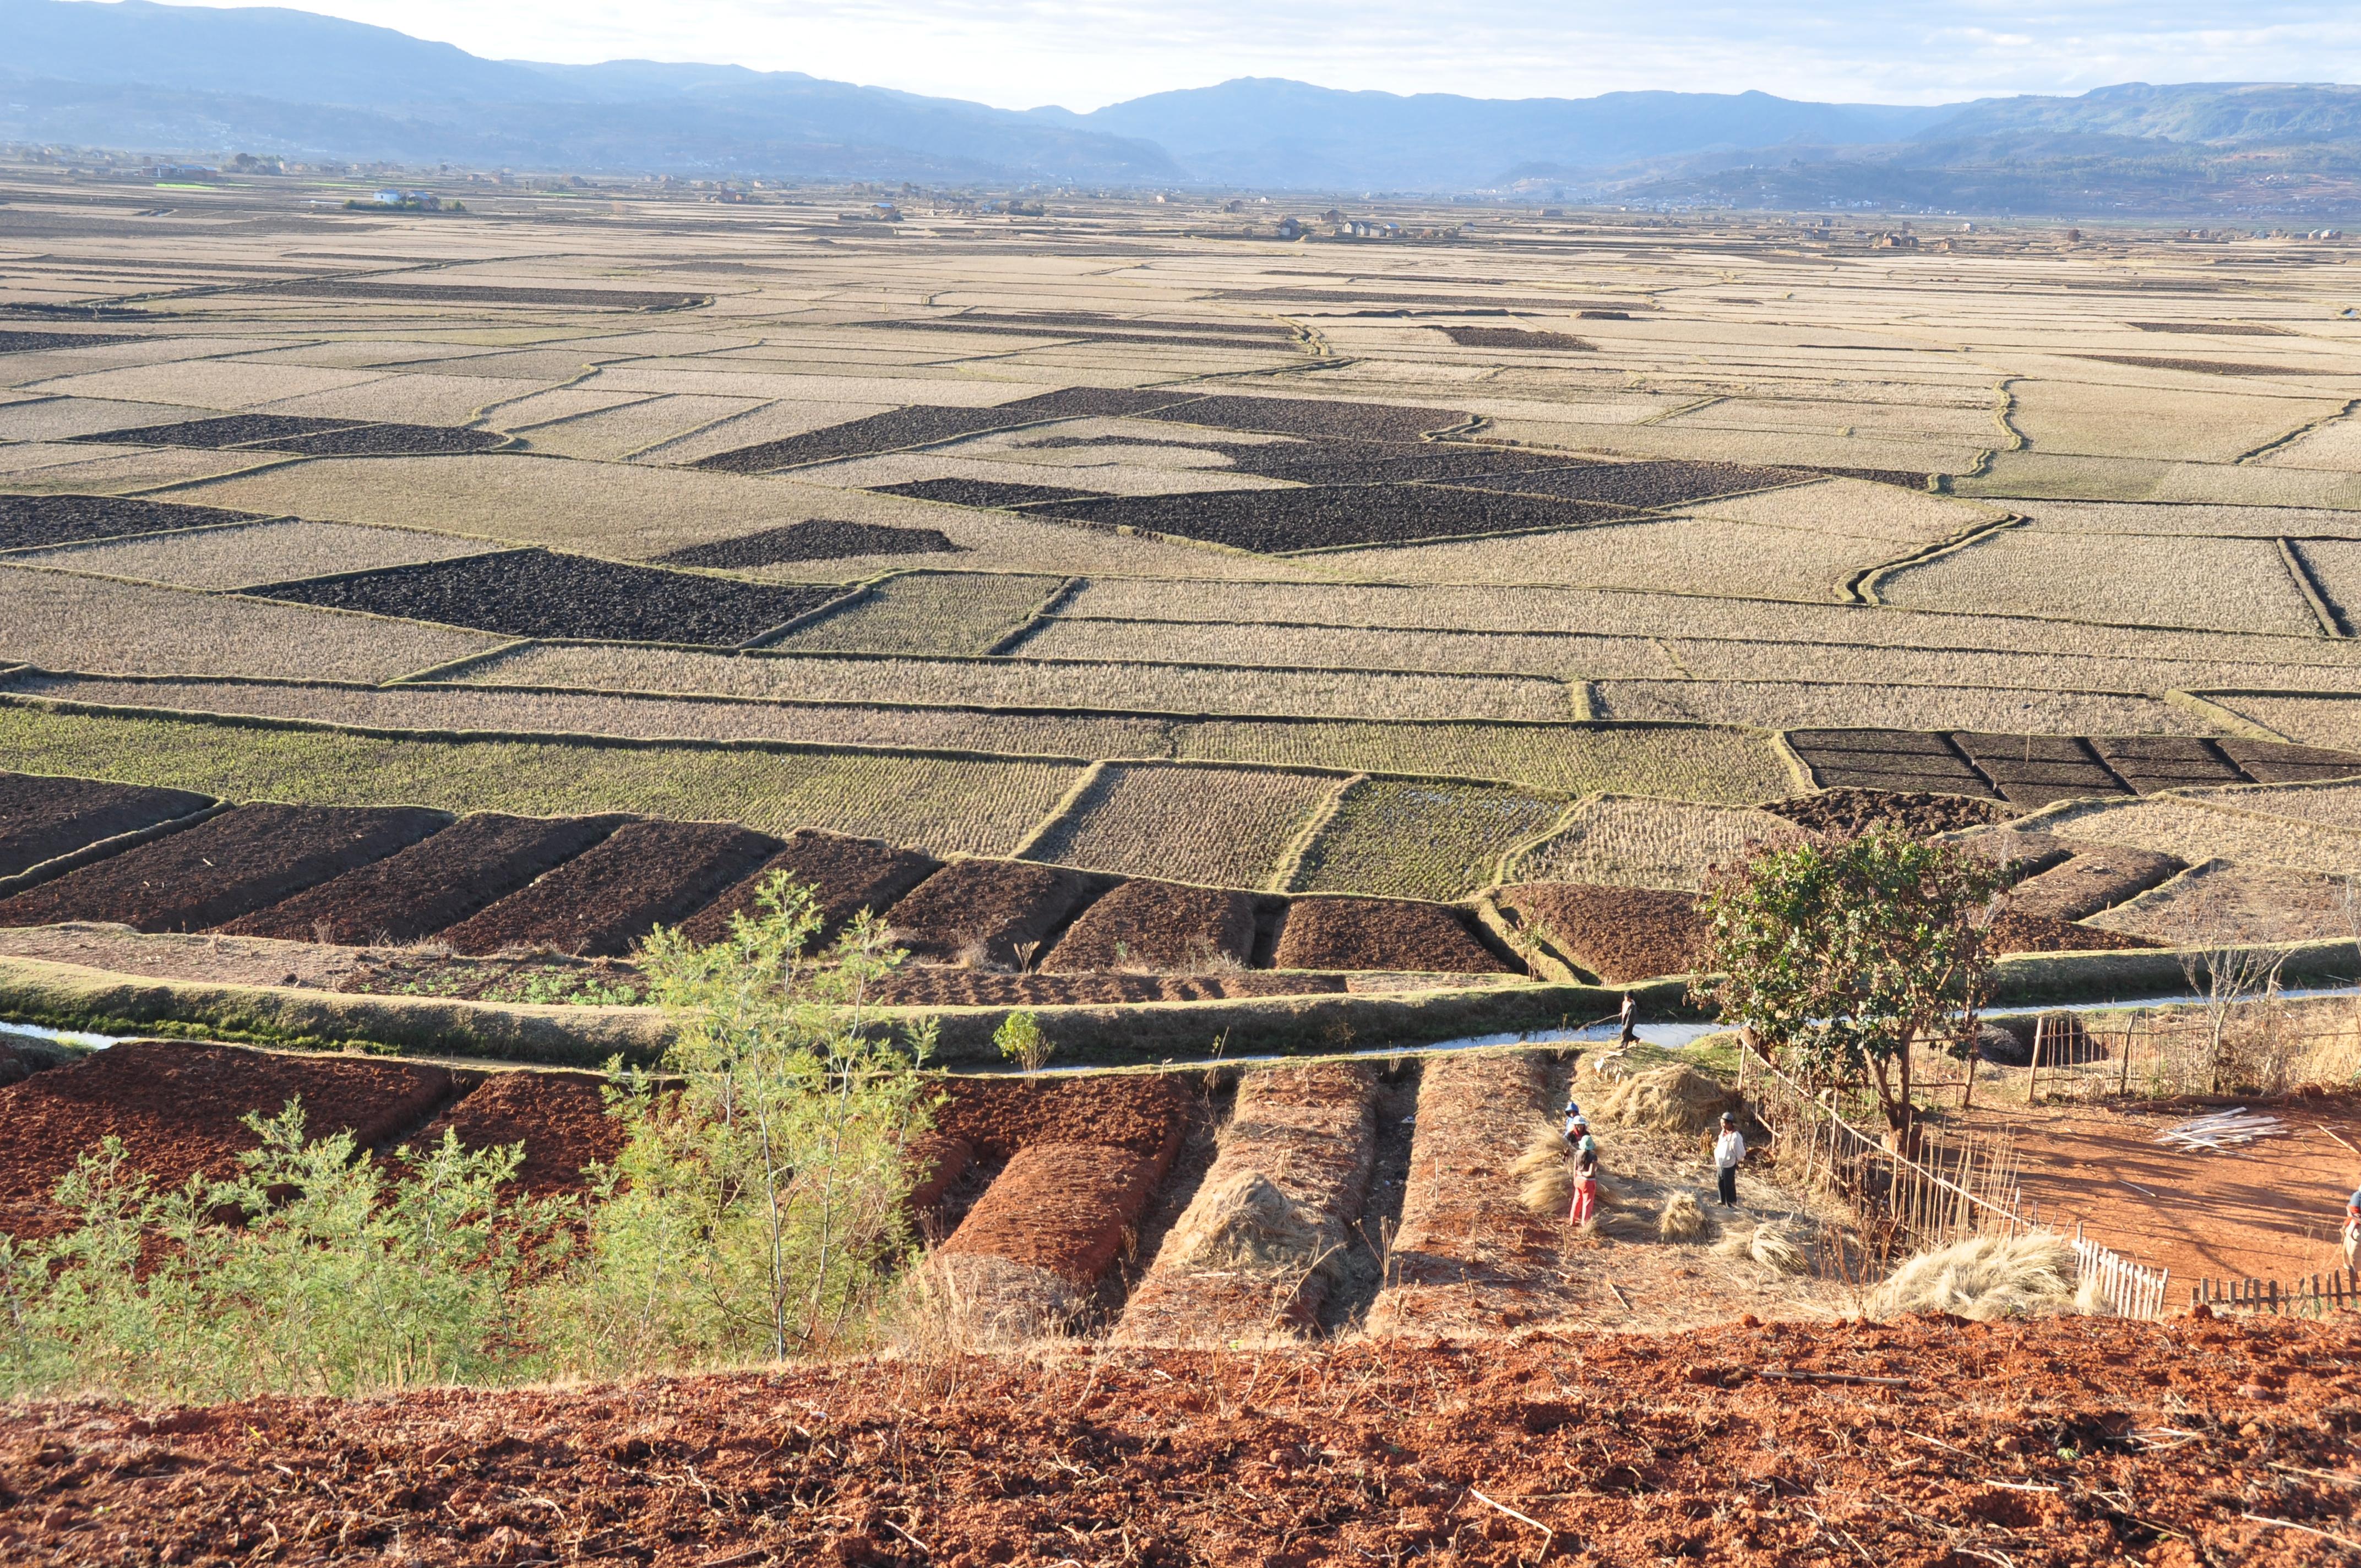 Det centrale Madagaskar bliver kaldt Madagaskars spisekammer